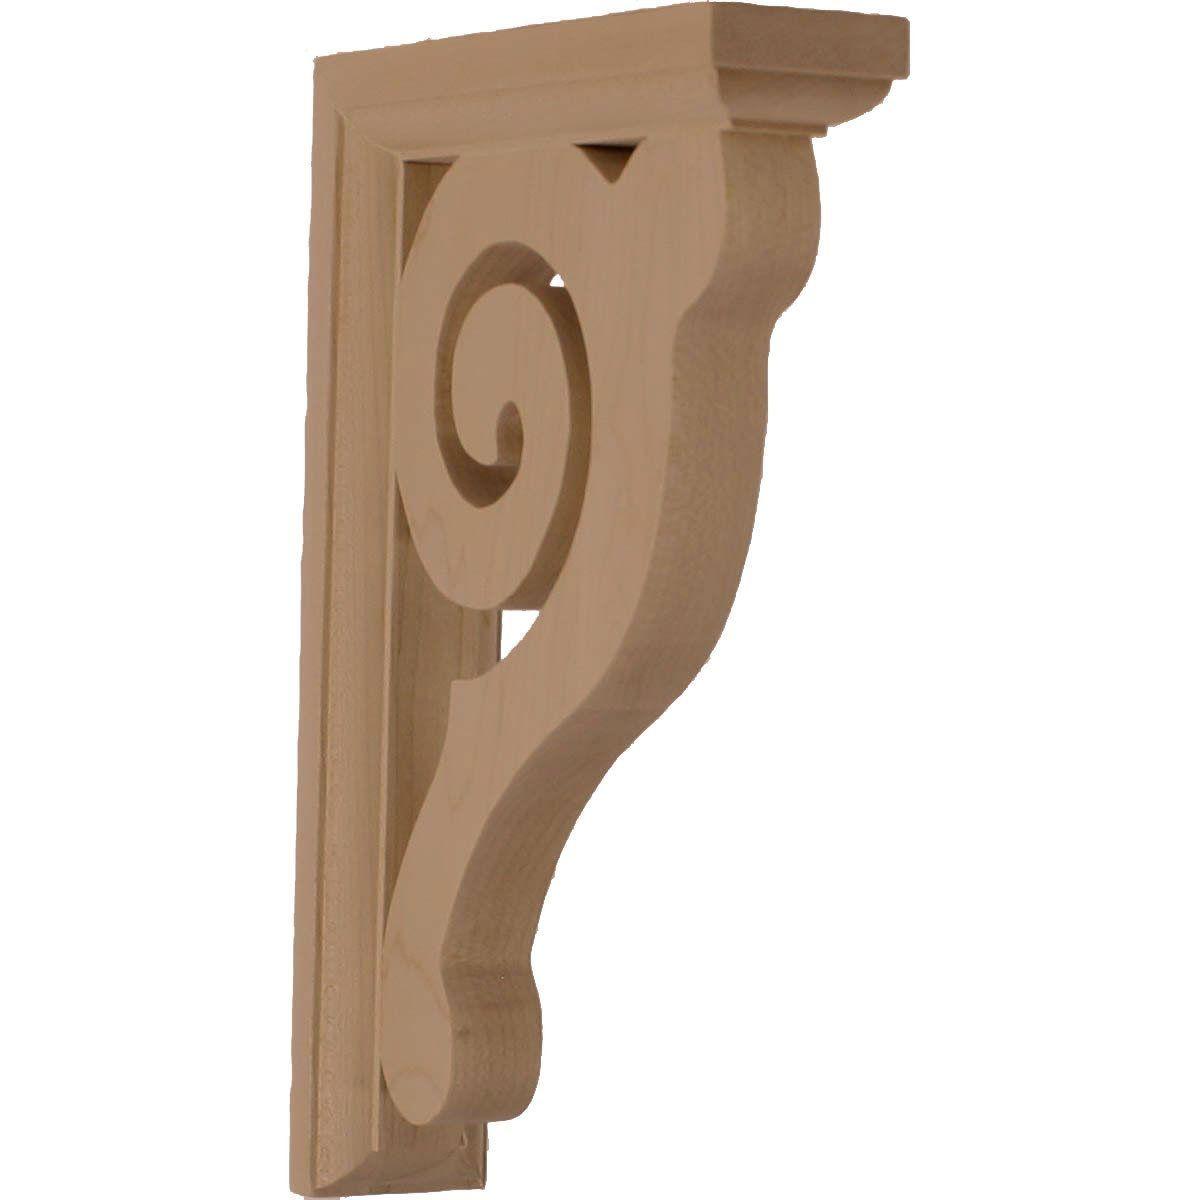 Ekena Millwork BKT01X06X08BURW 1 1/2-Inch W by 6-Inch D by 8 1/2-Inch H Bulwark Bracket, Rubber Wood - Wood Moldings And Trims - Amazon.com